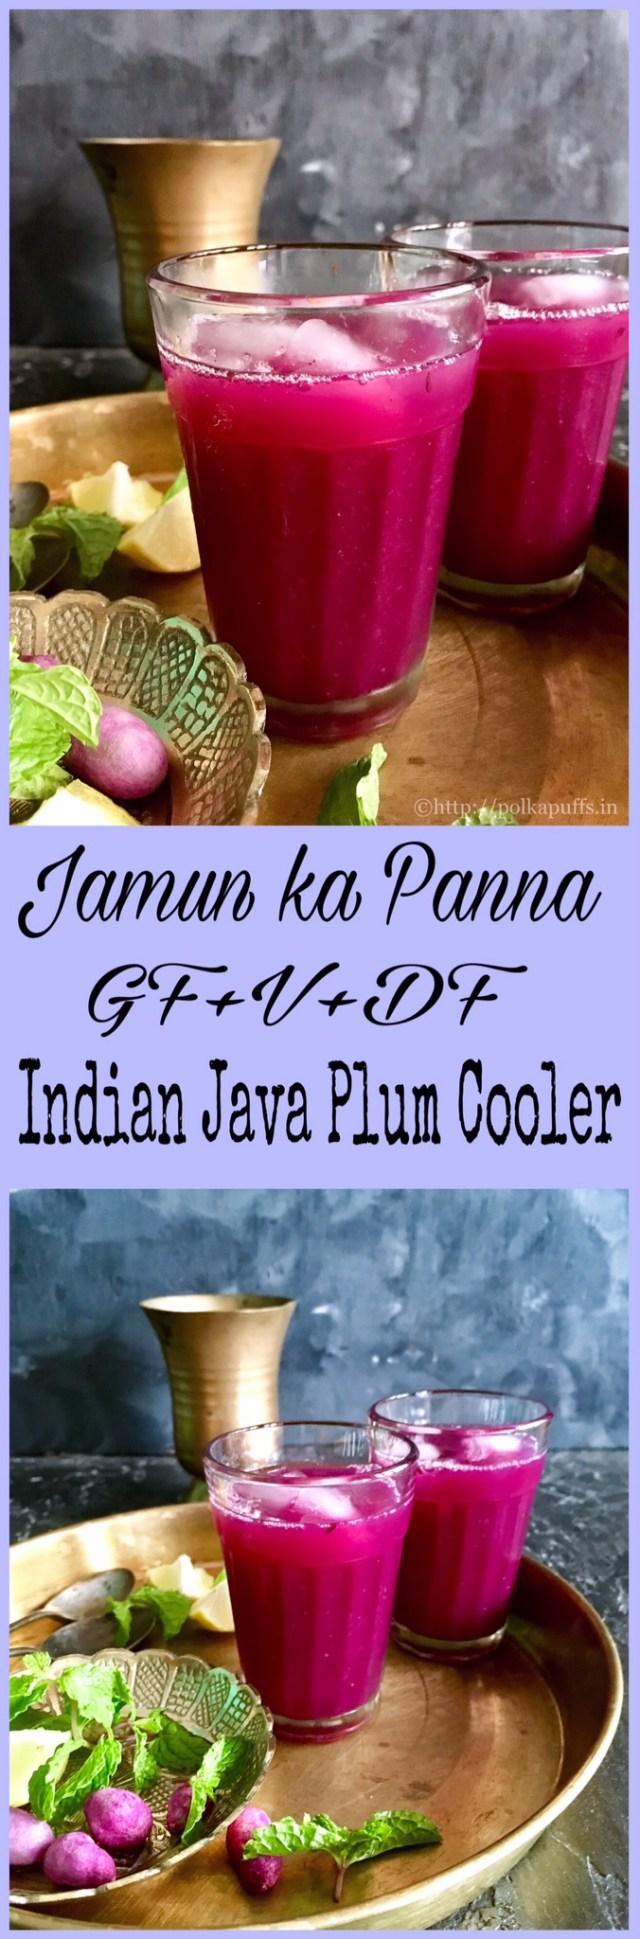 Indian Java Plum Cooler   Jamun ka Panna